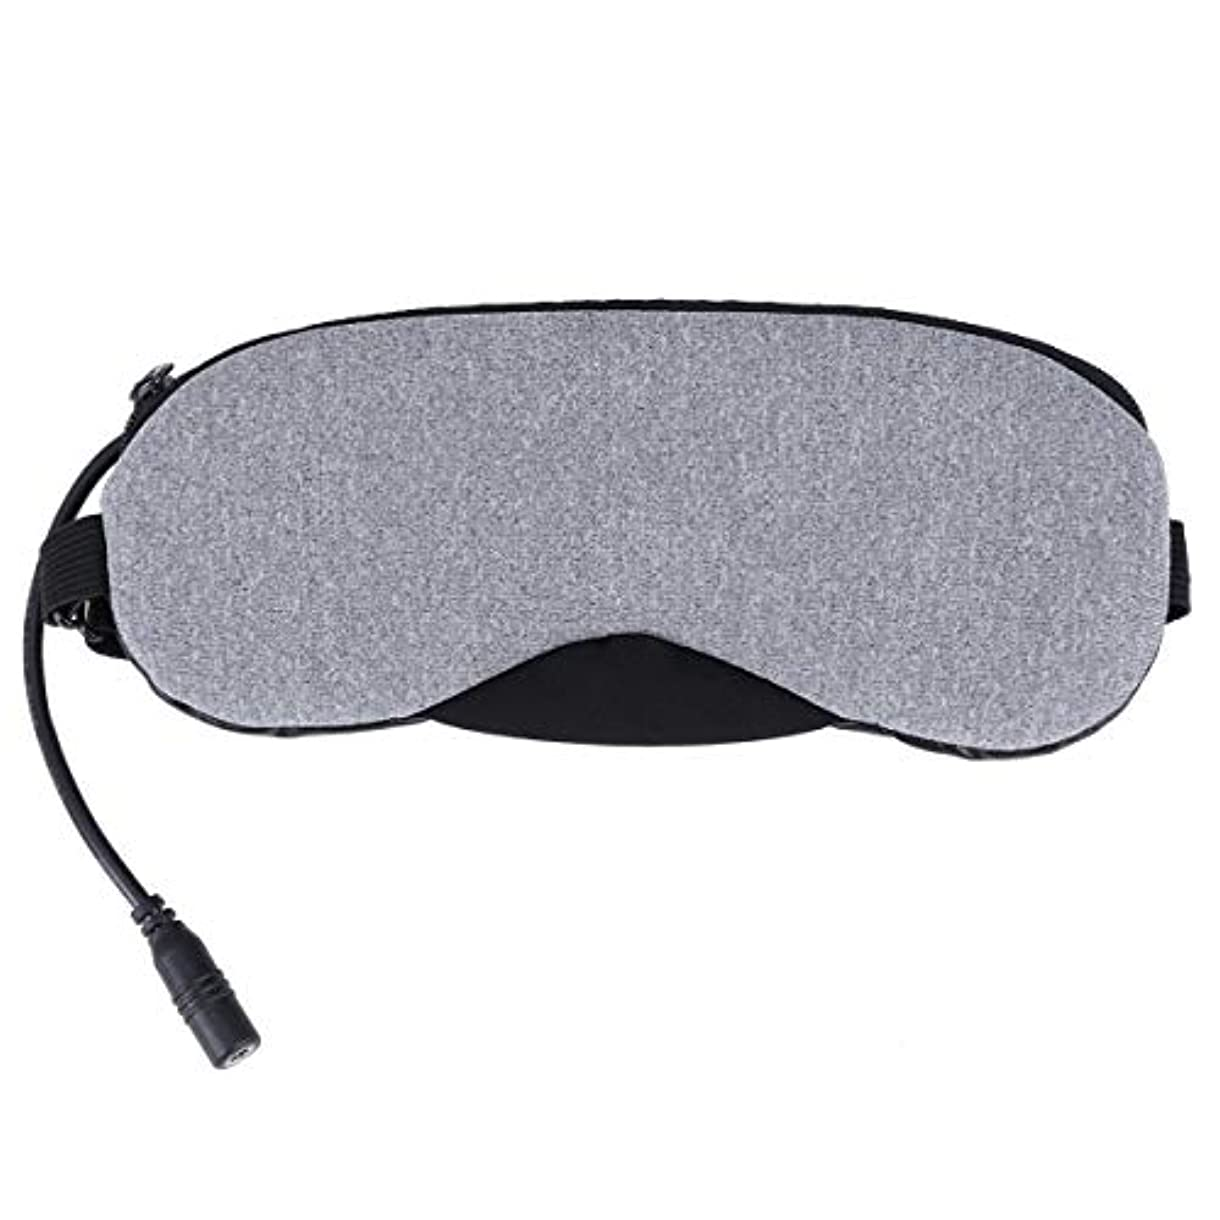 パフ買う債務SUPVOX usbスチームアイマスクドライアイ眼eph炎用アイスパック温熱治療用アイマスク(グレー)